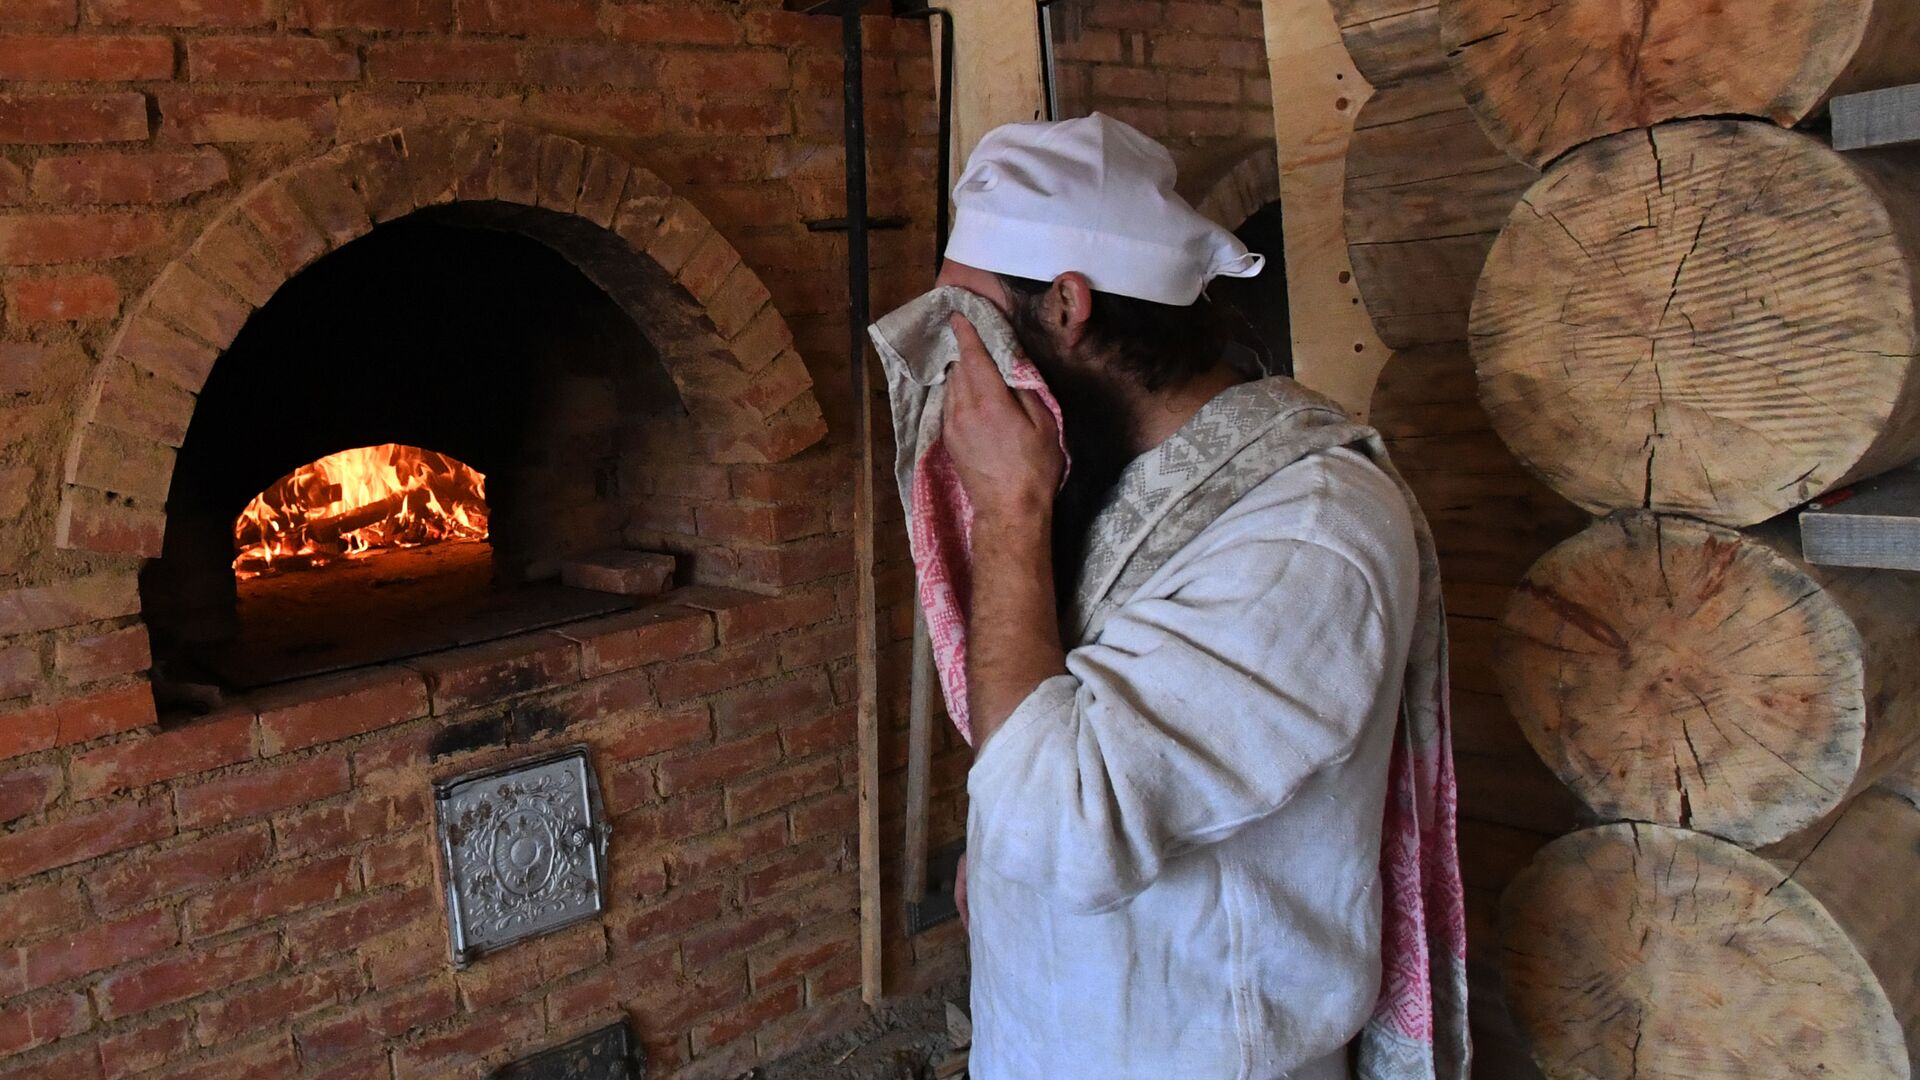 Пекарь Павел Русов в пекарне Хлеб-отец - Sputnik Латвия, 1920, 29.09.2021